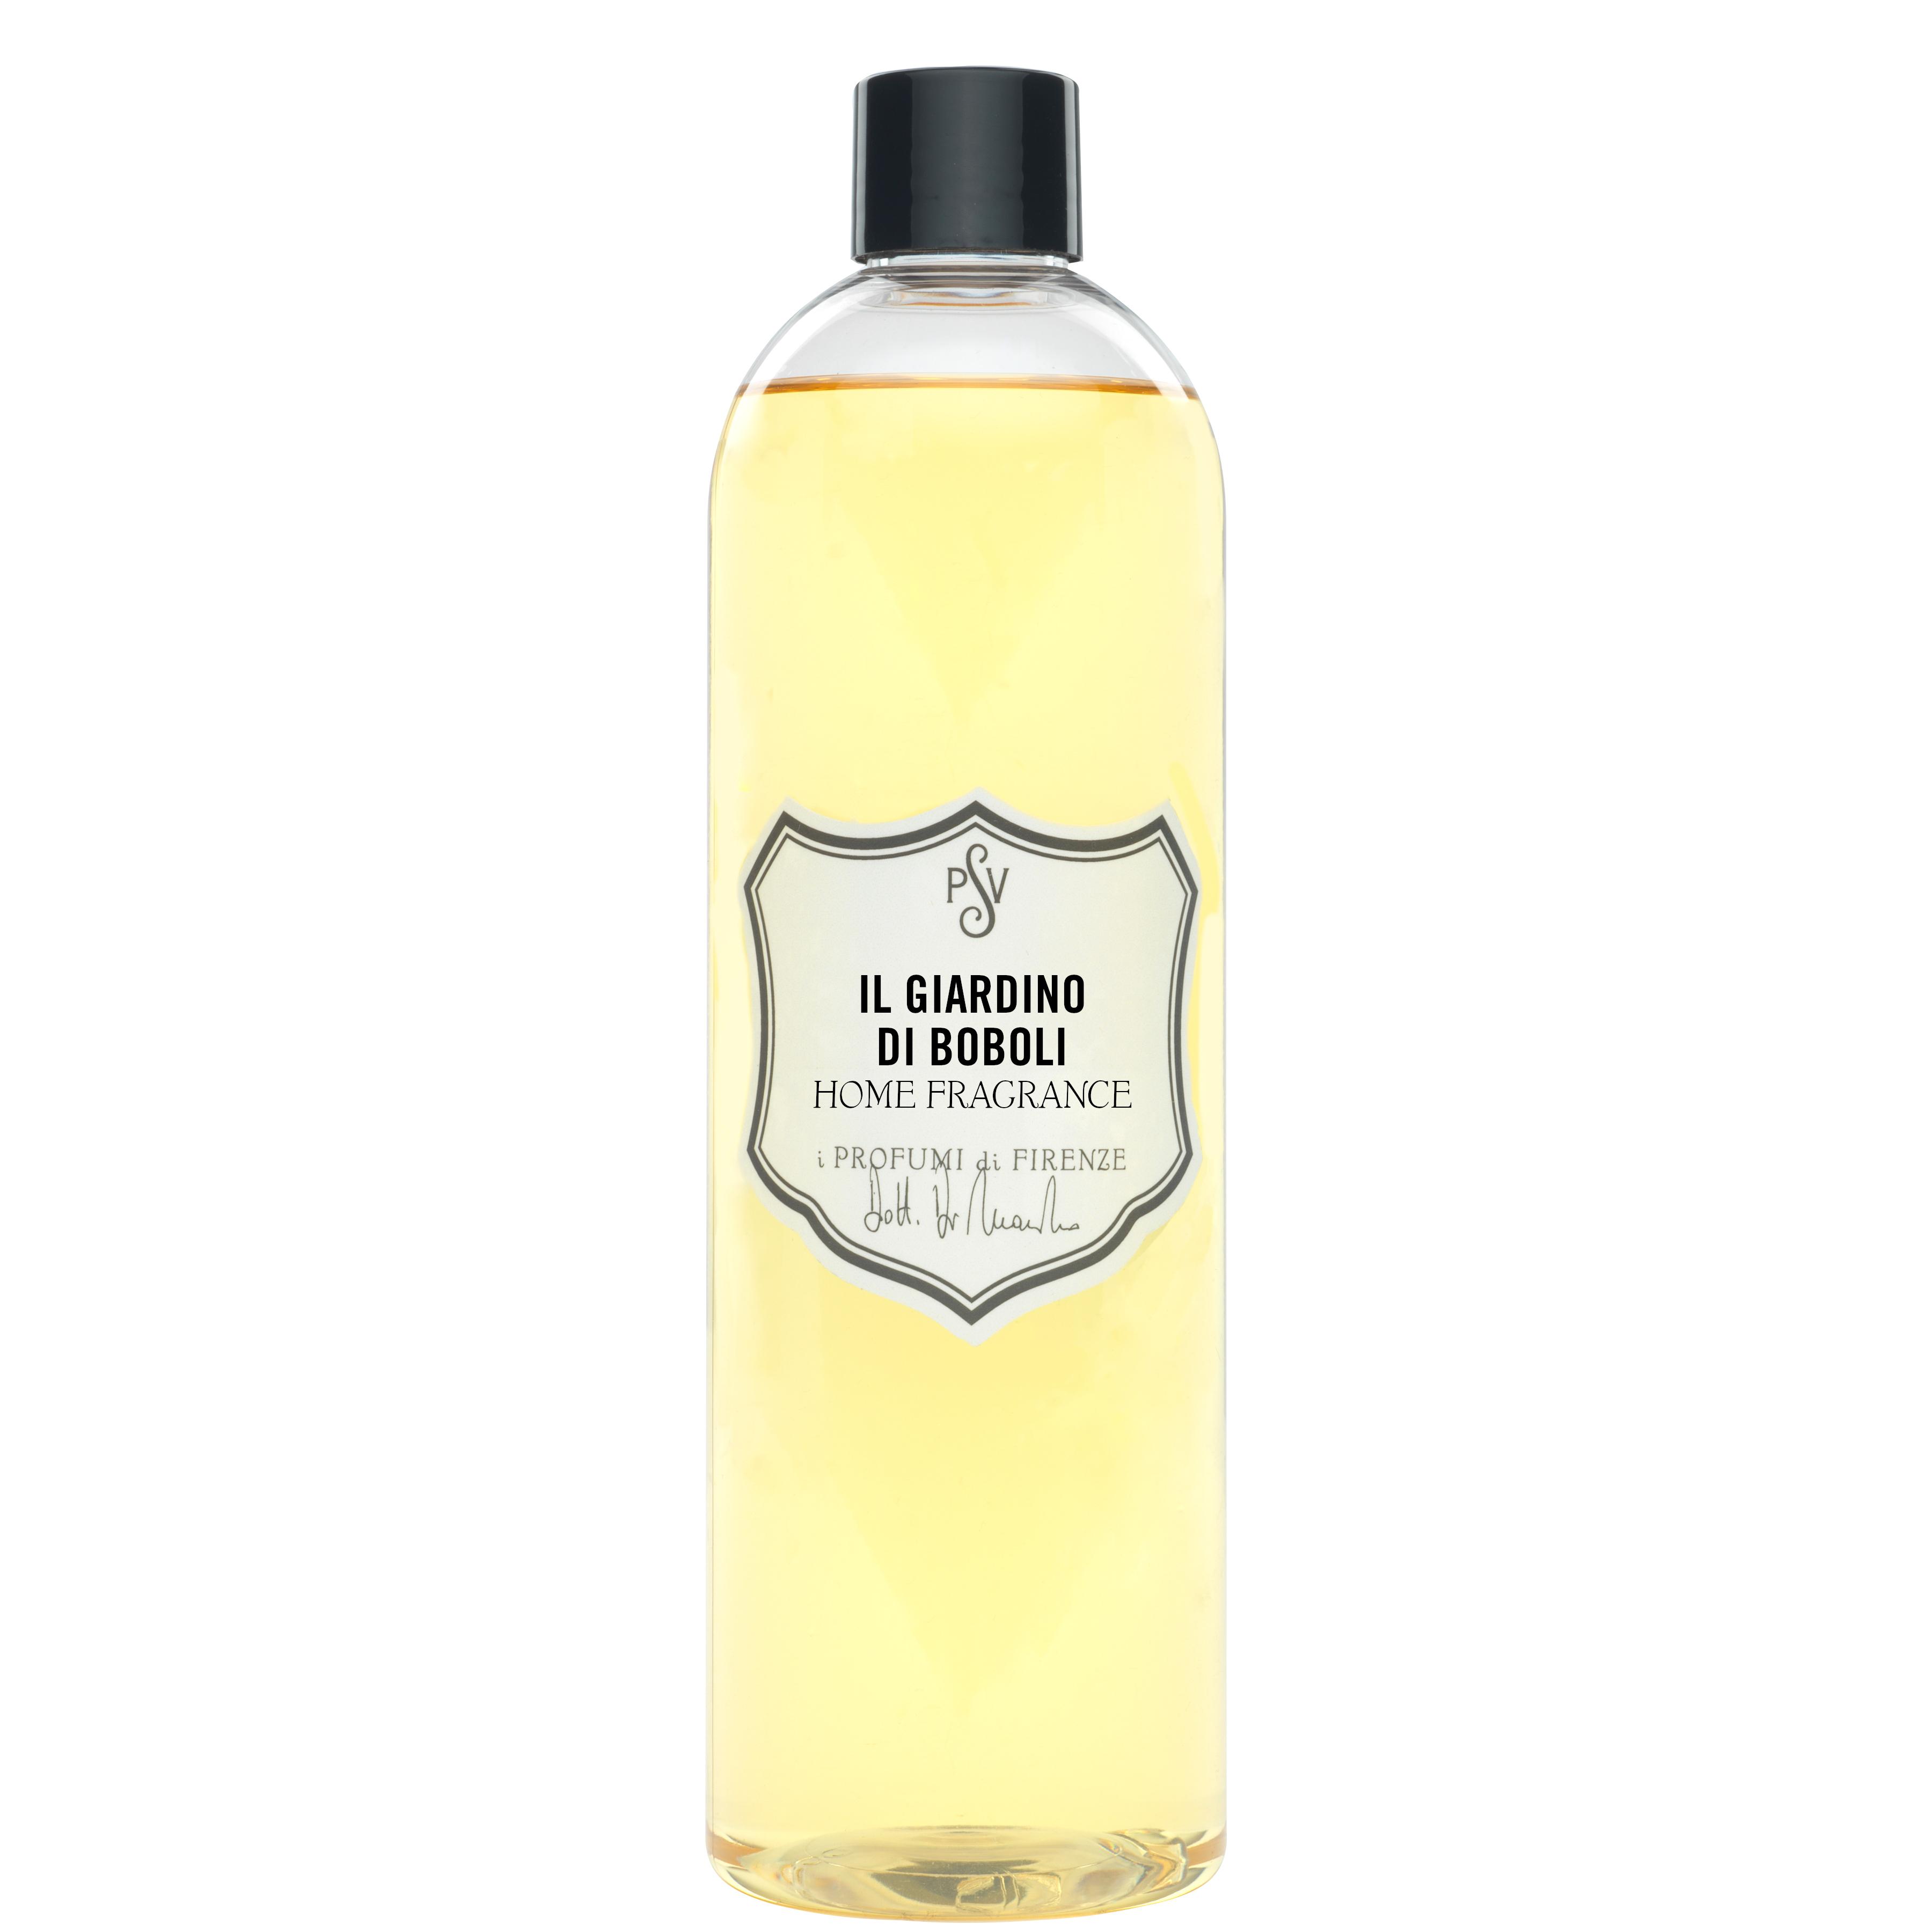 IL GIARDINO DI BOBOLI - Home Fragrance-4509